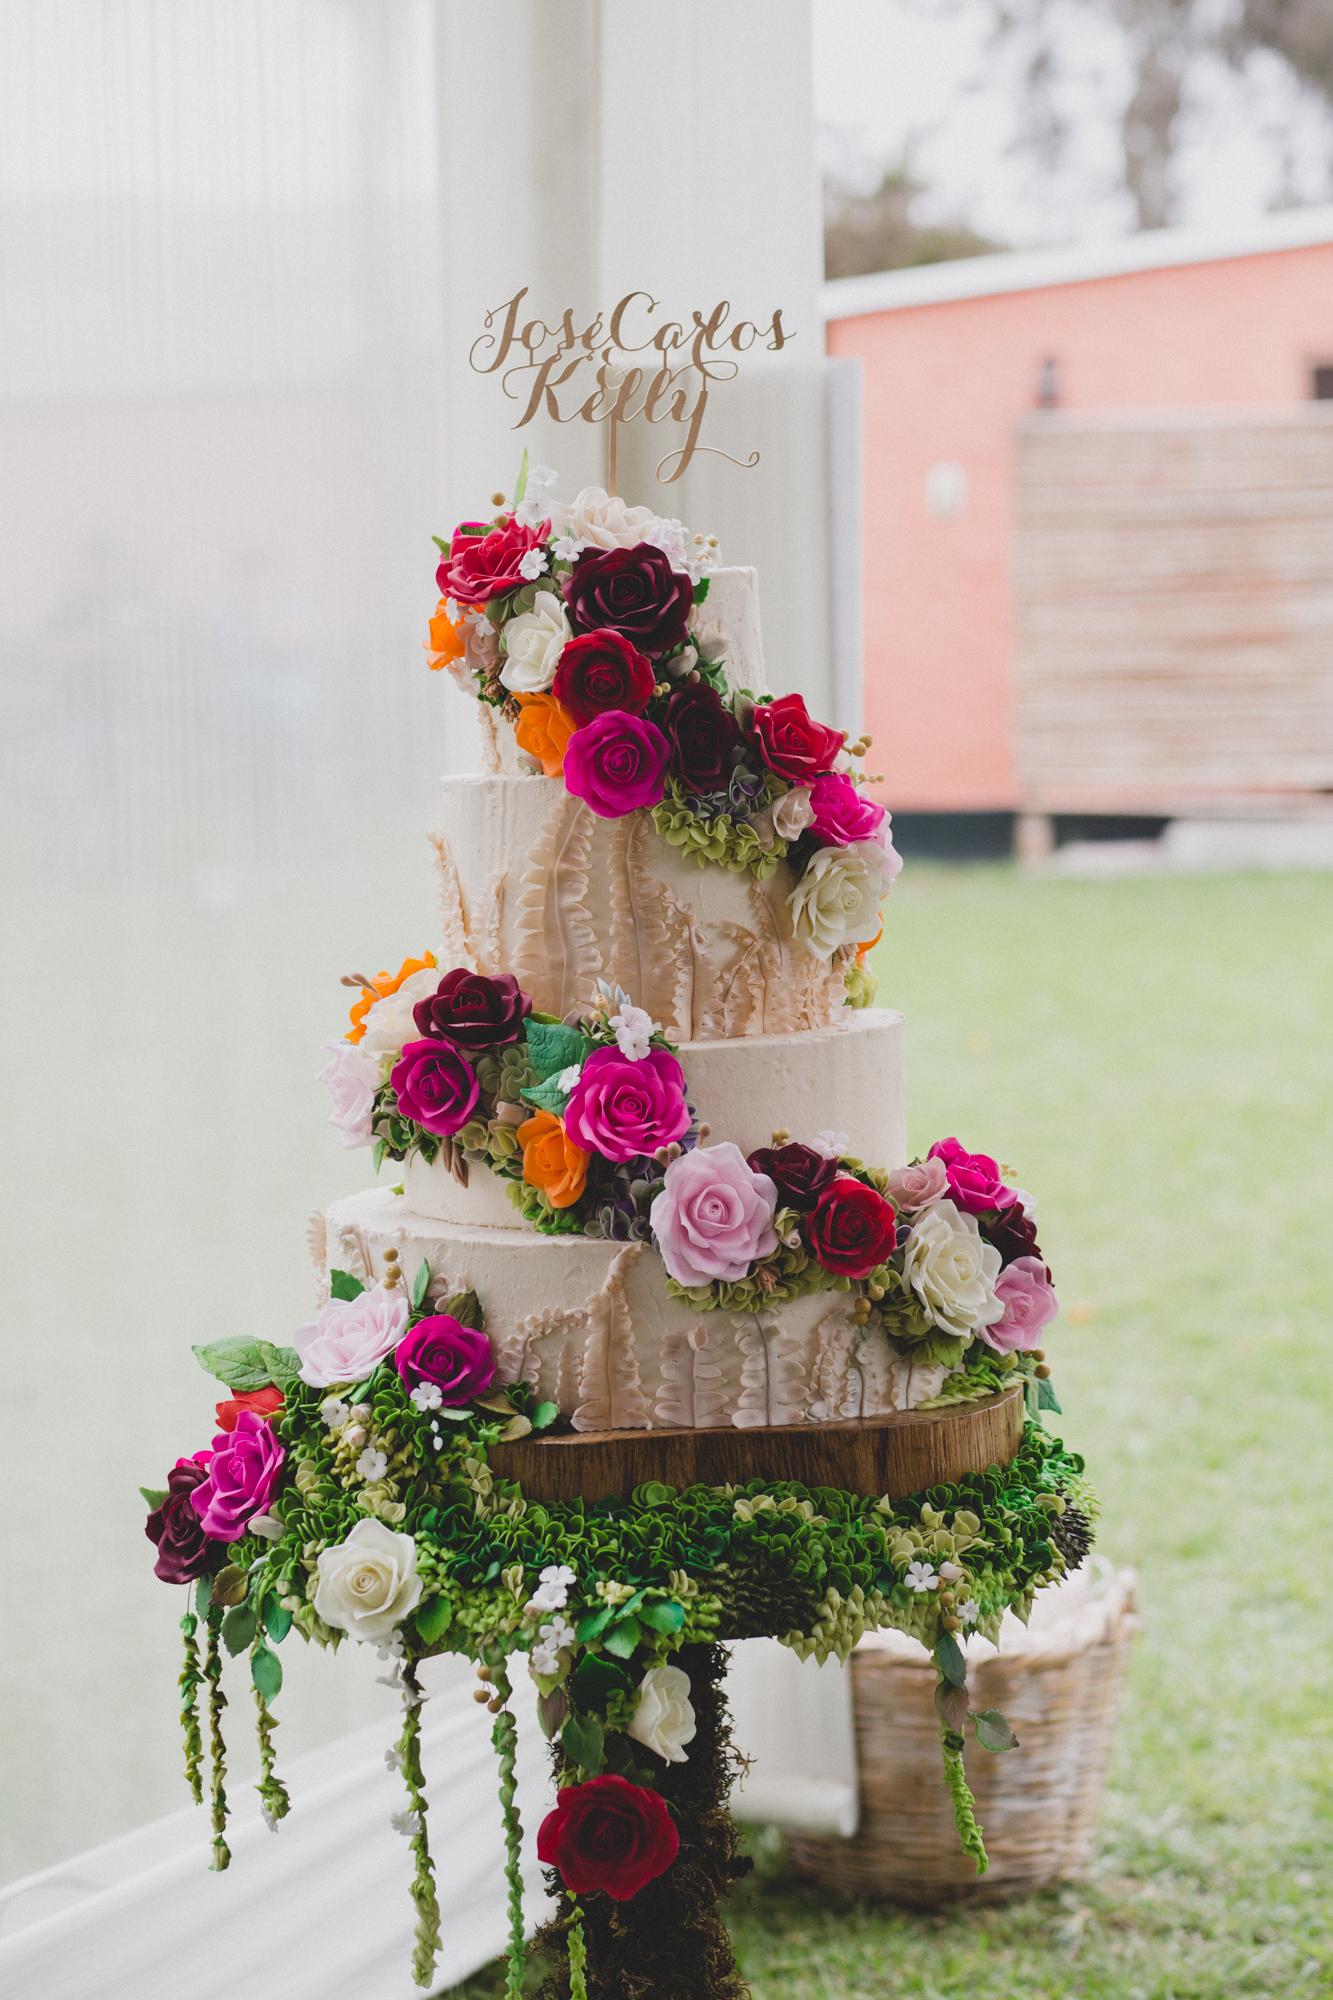 Rustic bark with sugar flowers wedding